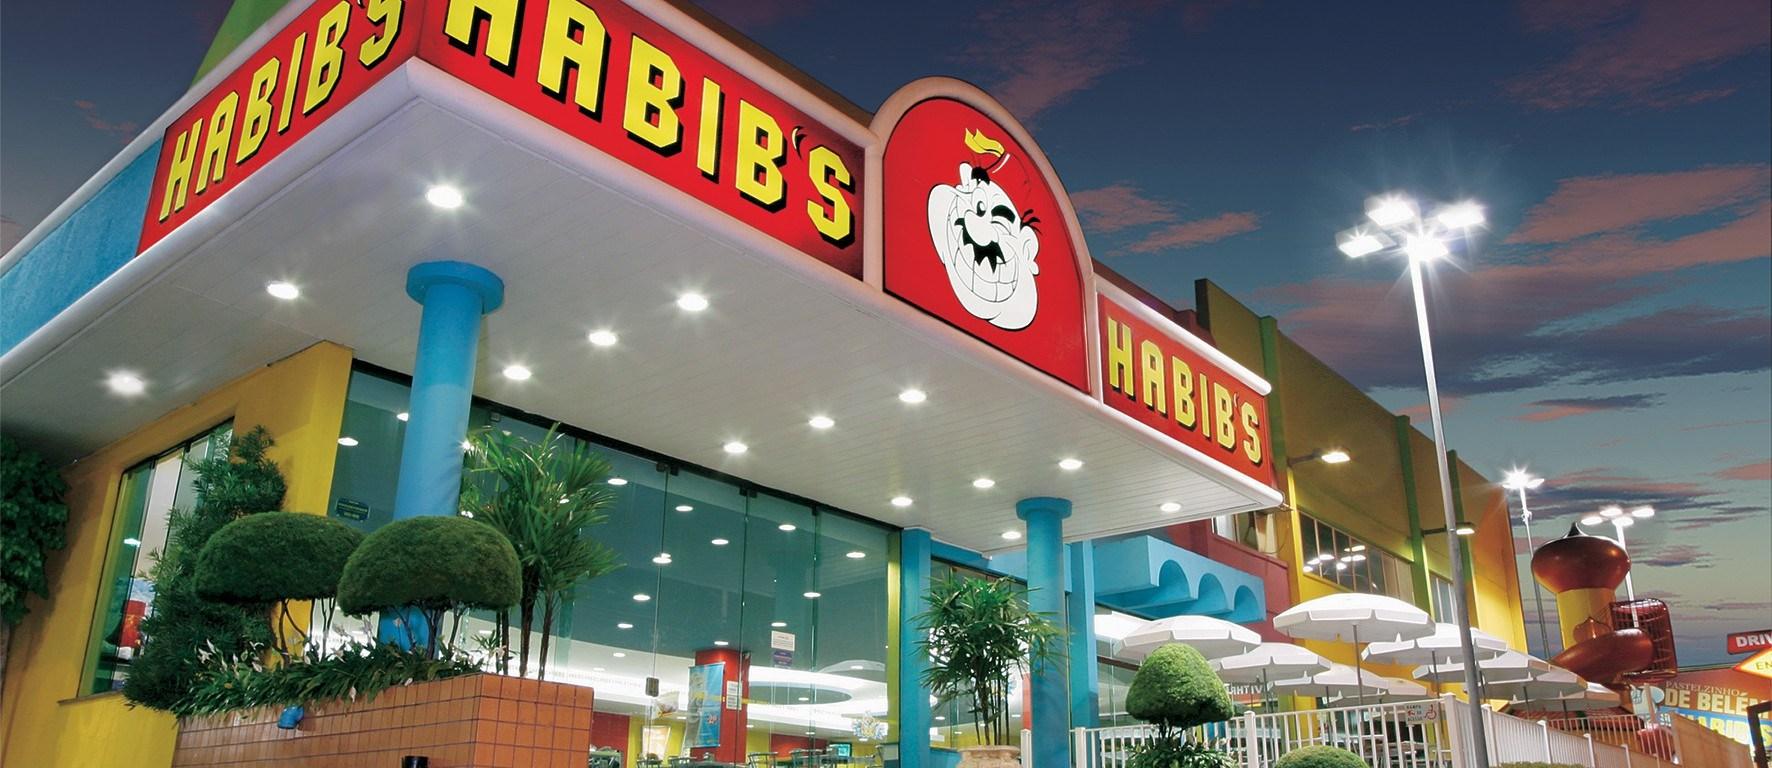 Habib's apresenta novo cardápio